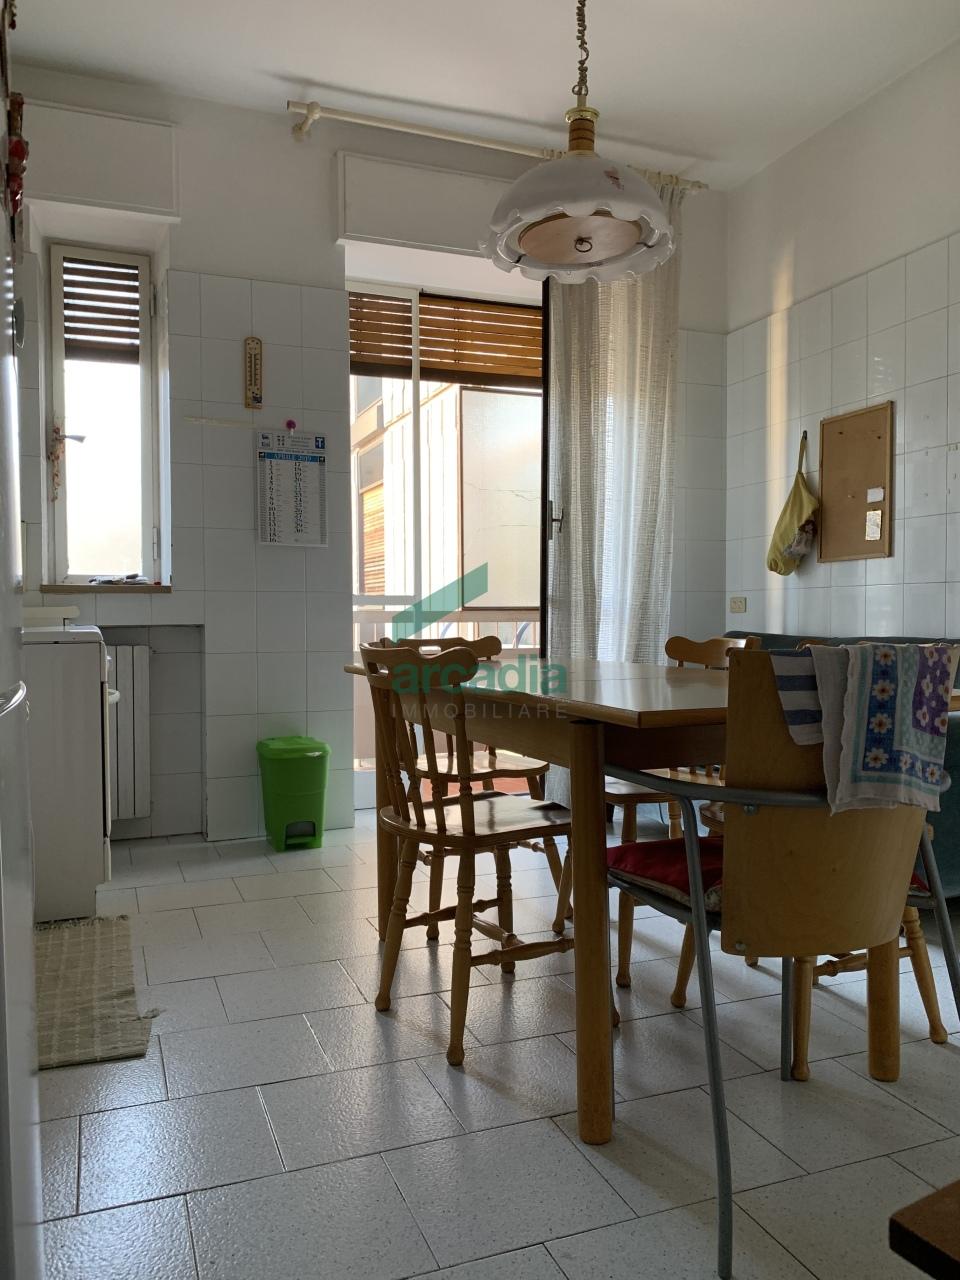 Appartamento in vendita a Bari, 4 locali, prezzo € 275.000 | CambioCasa.it